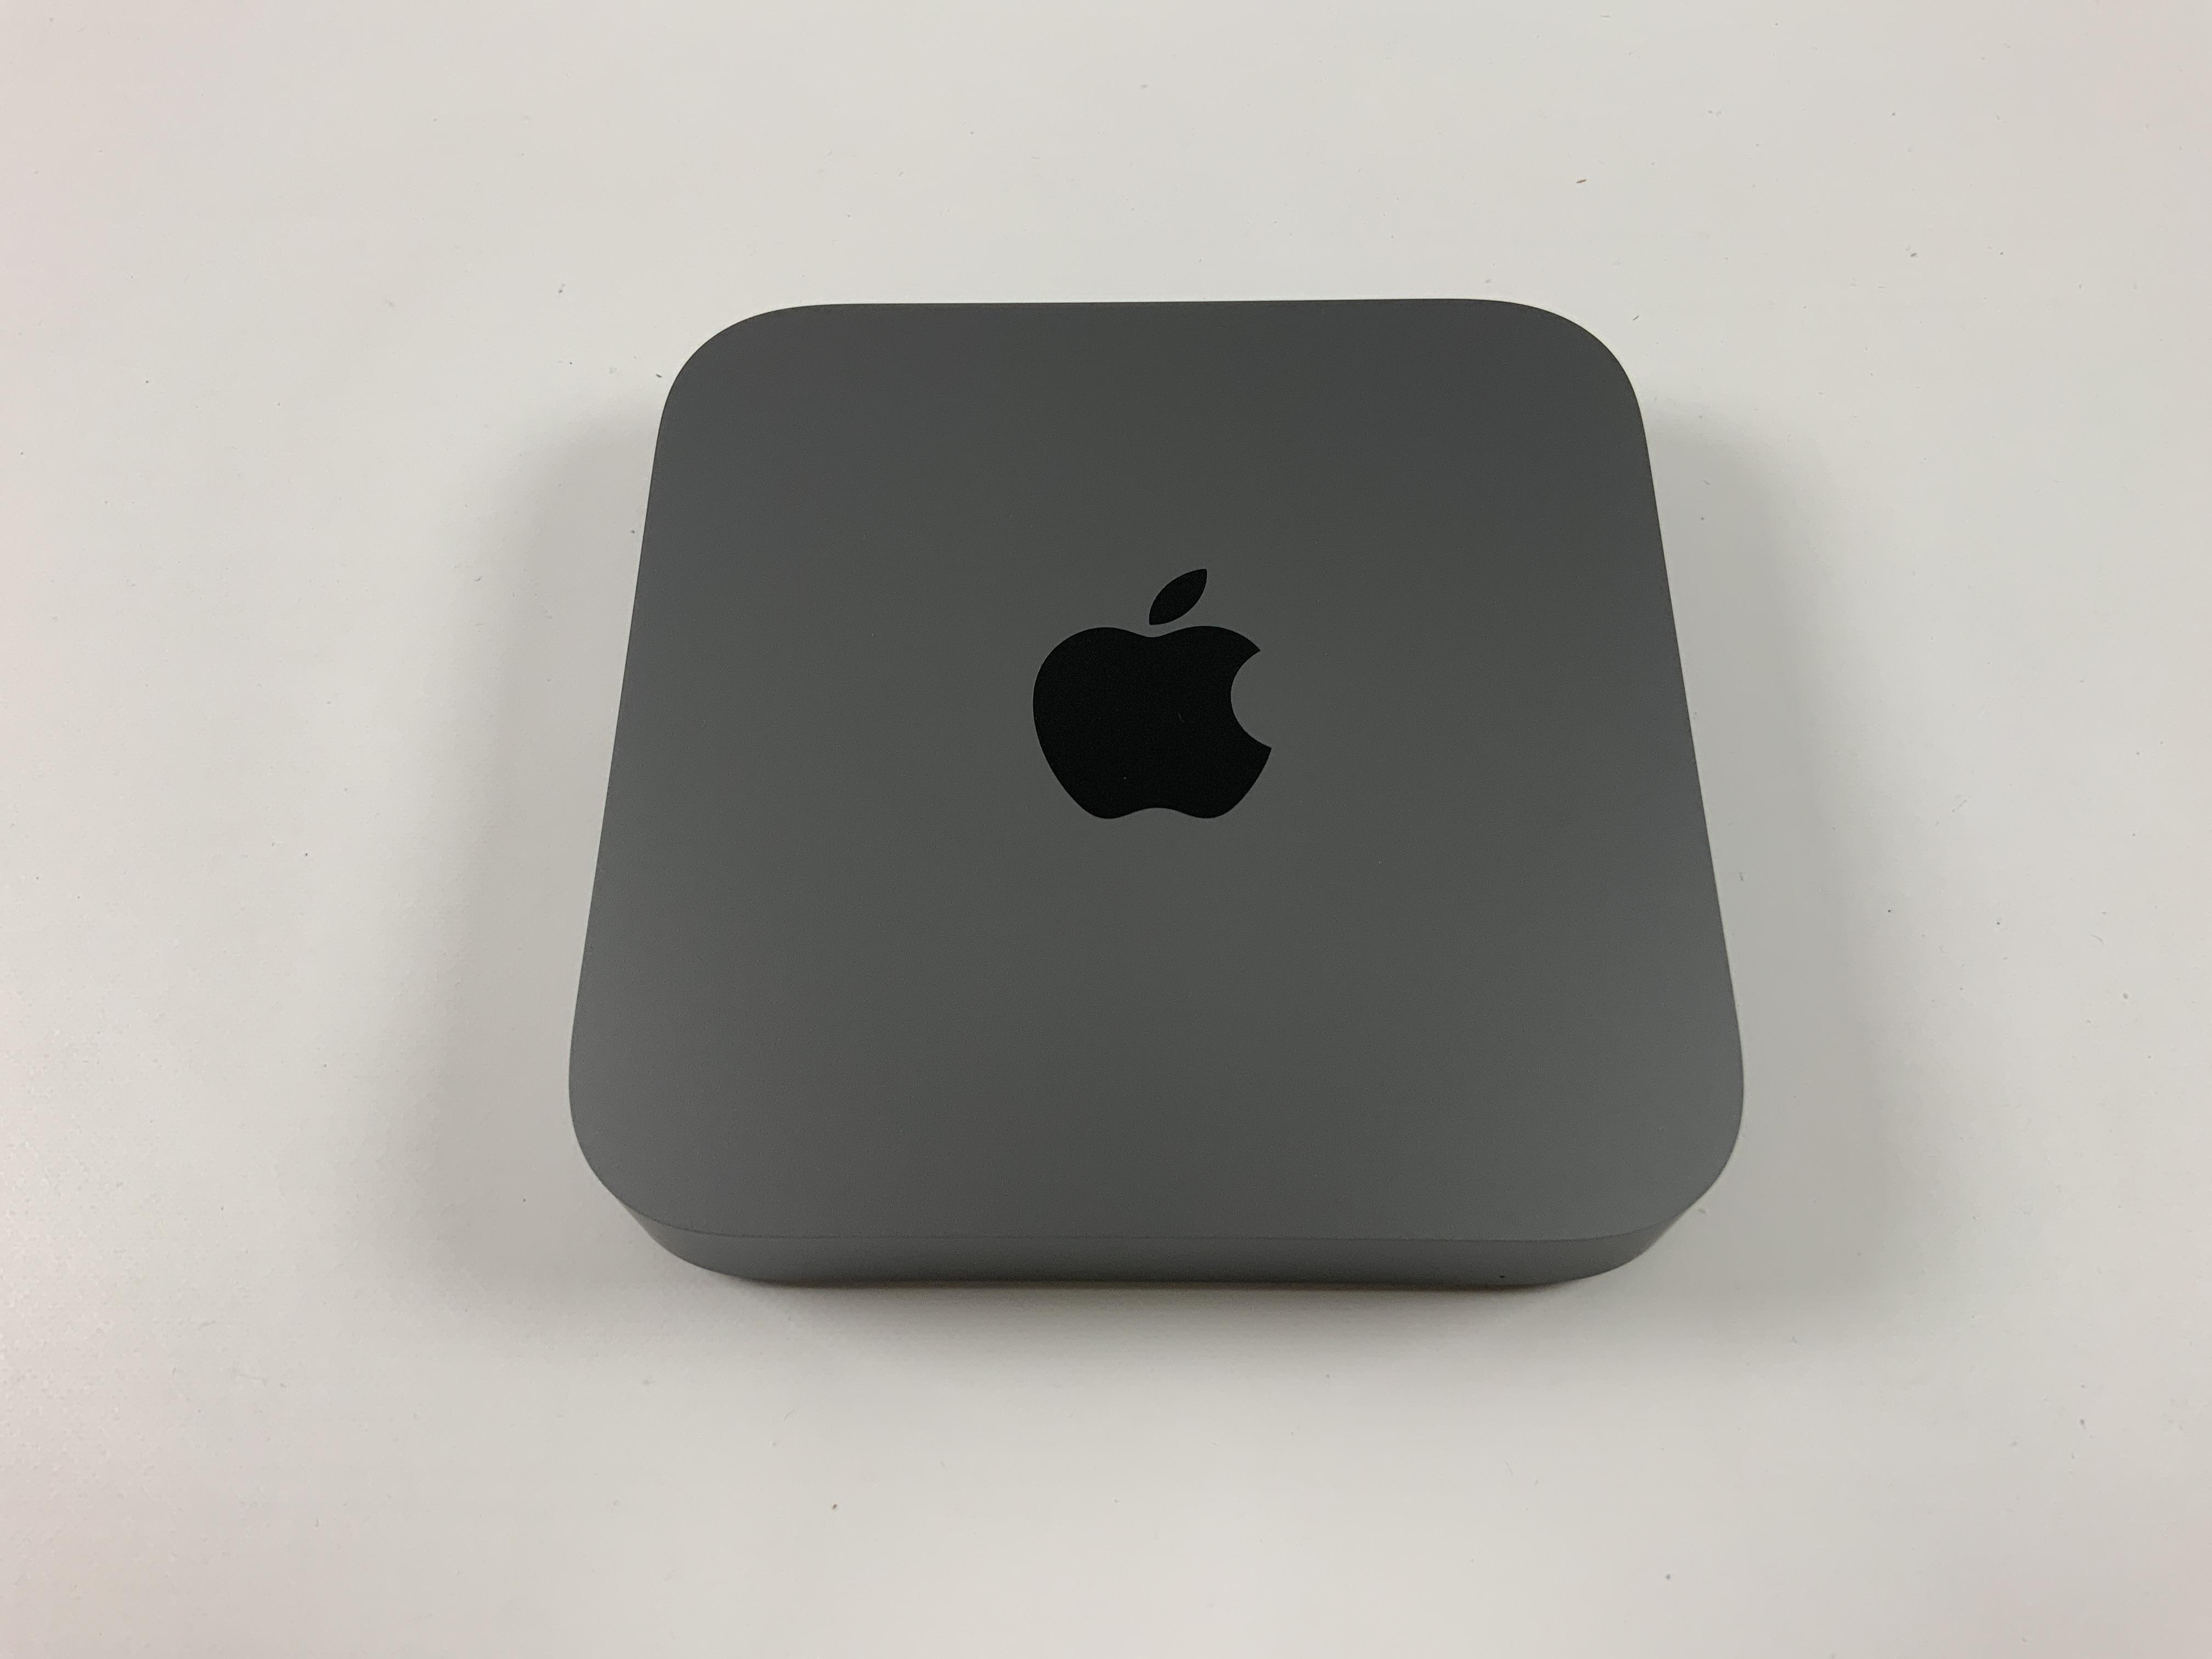 Mac Mini Late 2018 (Intel Quad-Core i3 3.6 GHz 8 GB RAM 256 GB SSD), Intel Quad-Core i3 3.6 GHz, 8 GB RAM, 256 GB SSD, Kuva 1